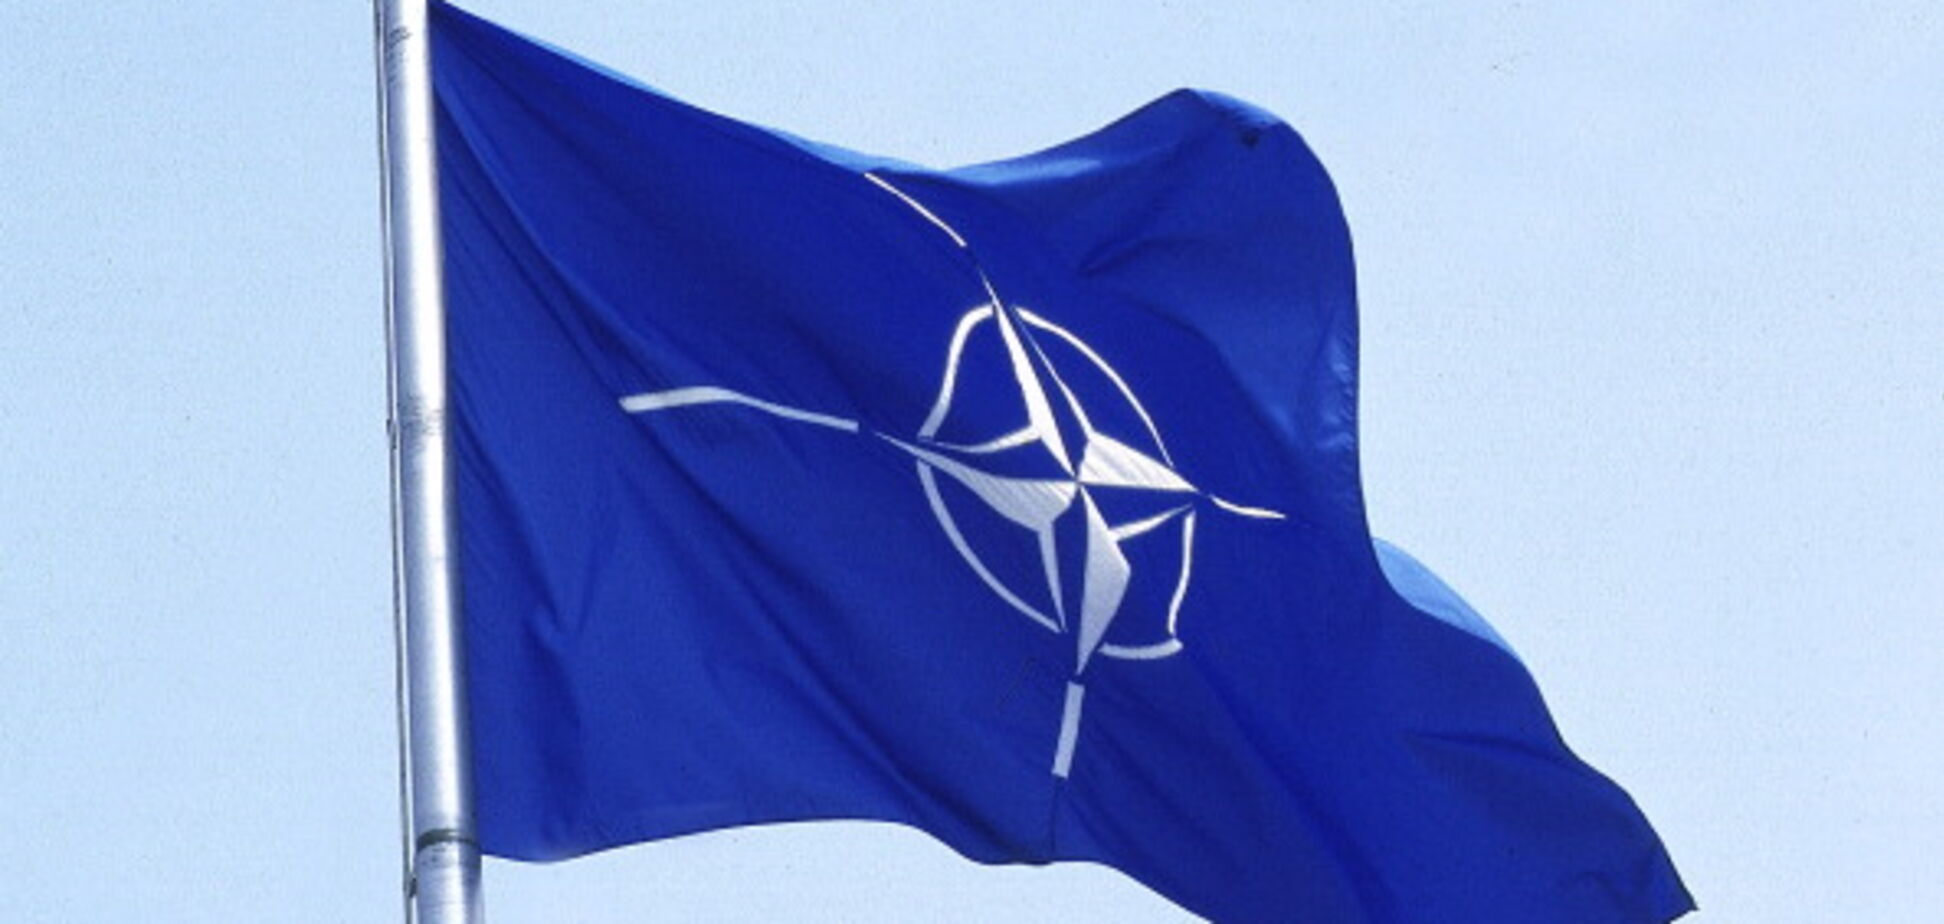 Кремлю на заметку: НАТО запустила процесс подготовки вступления Украины в альянс